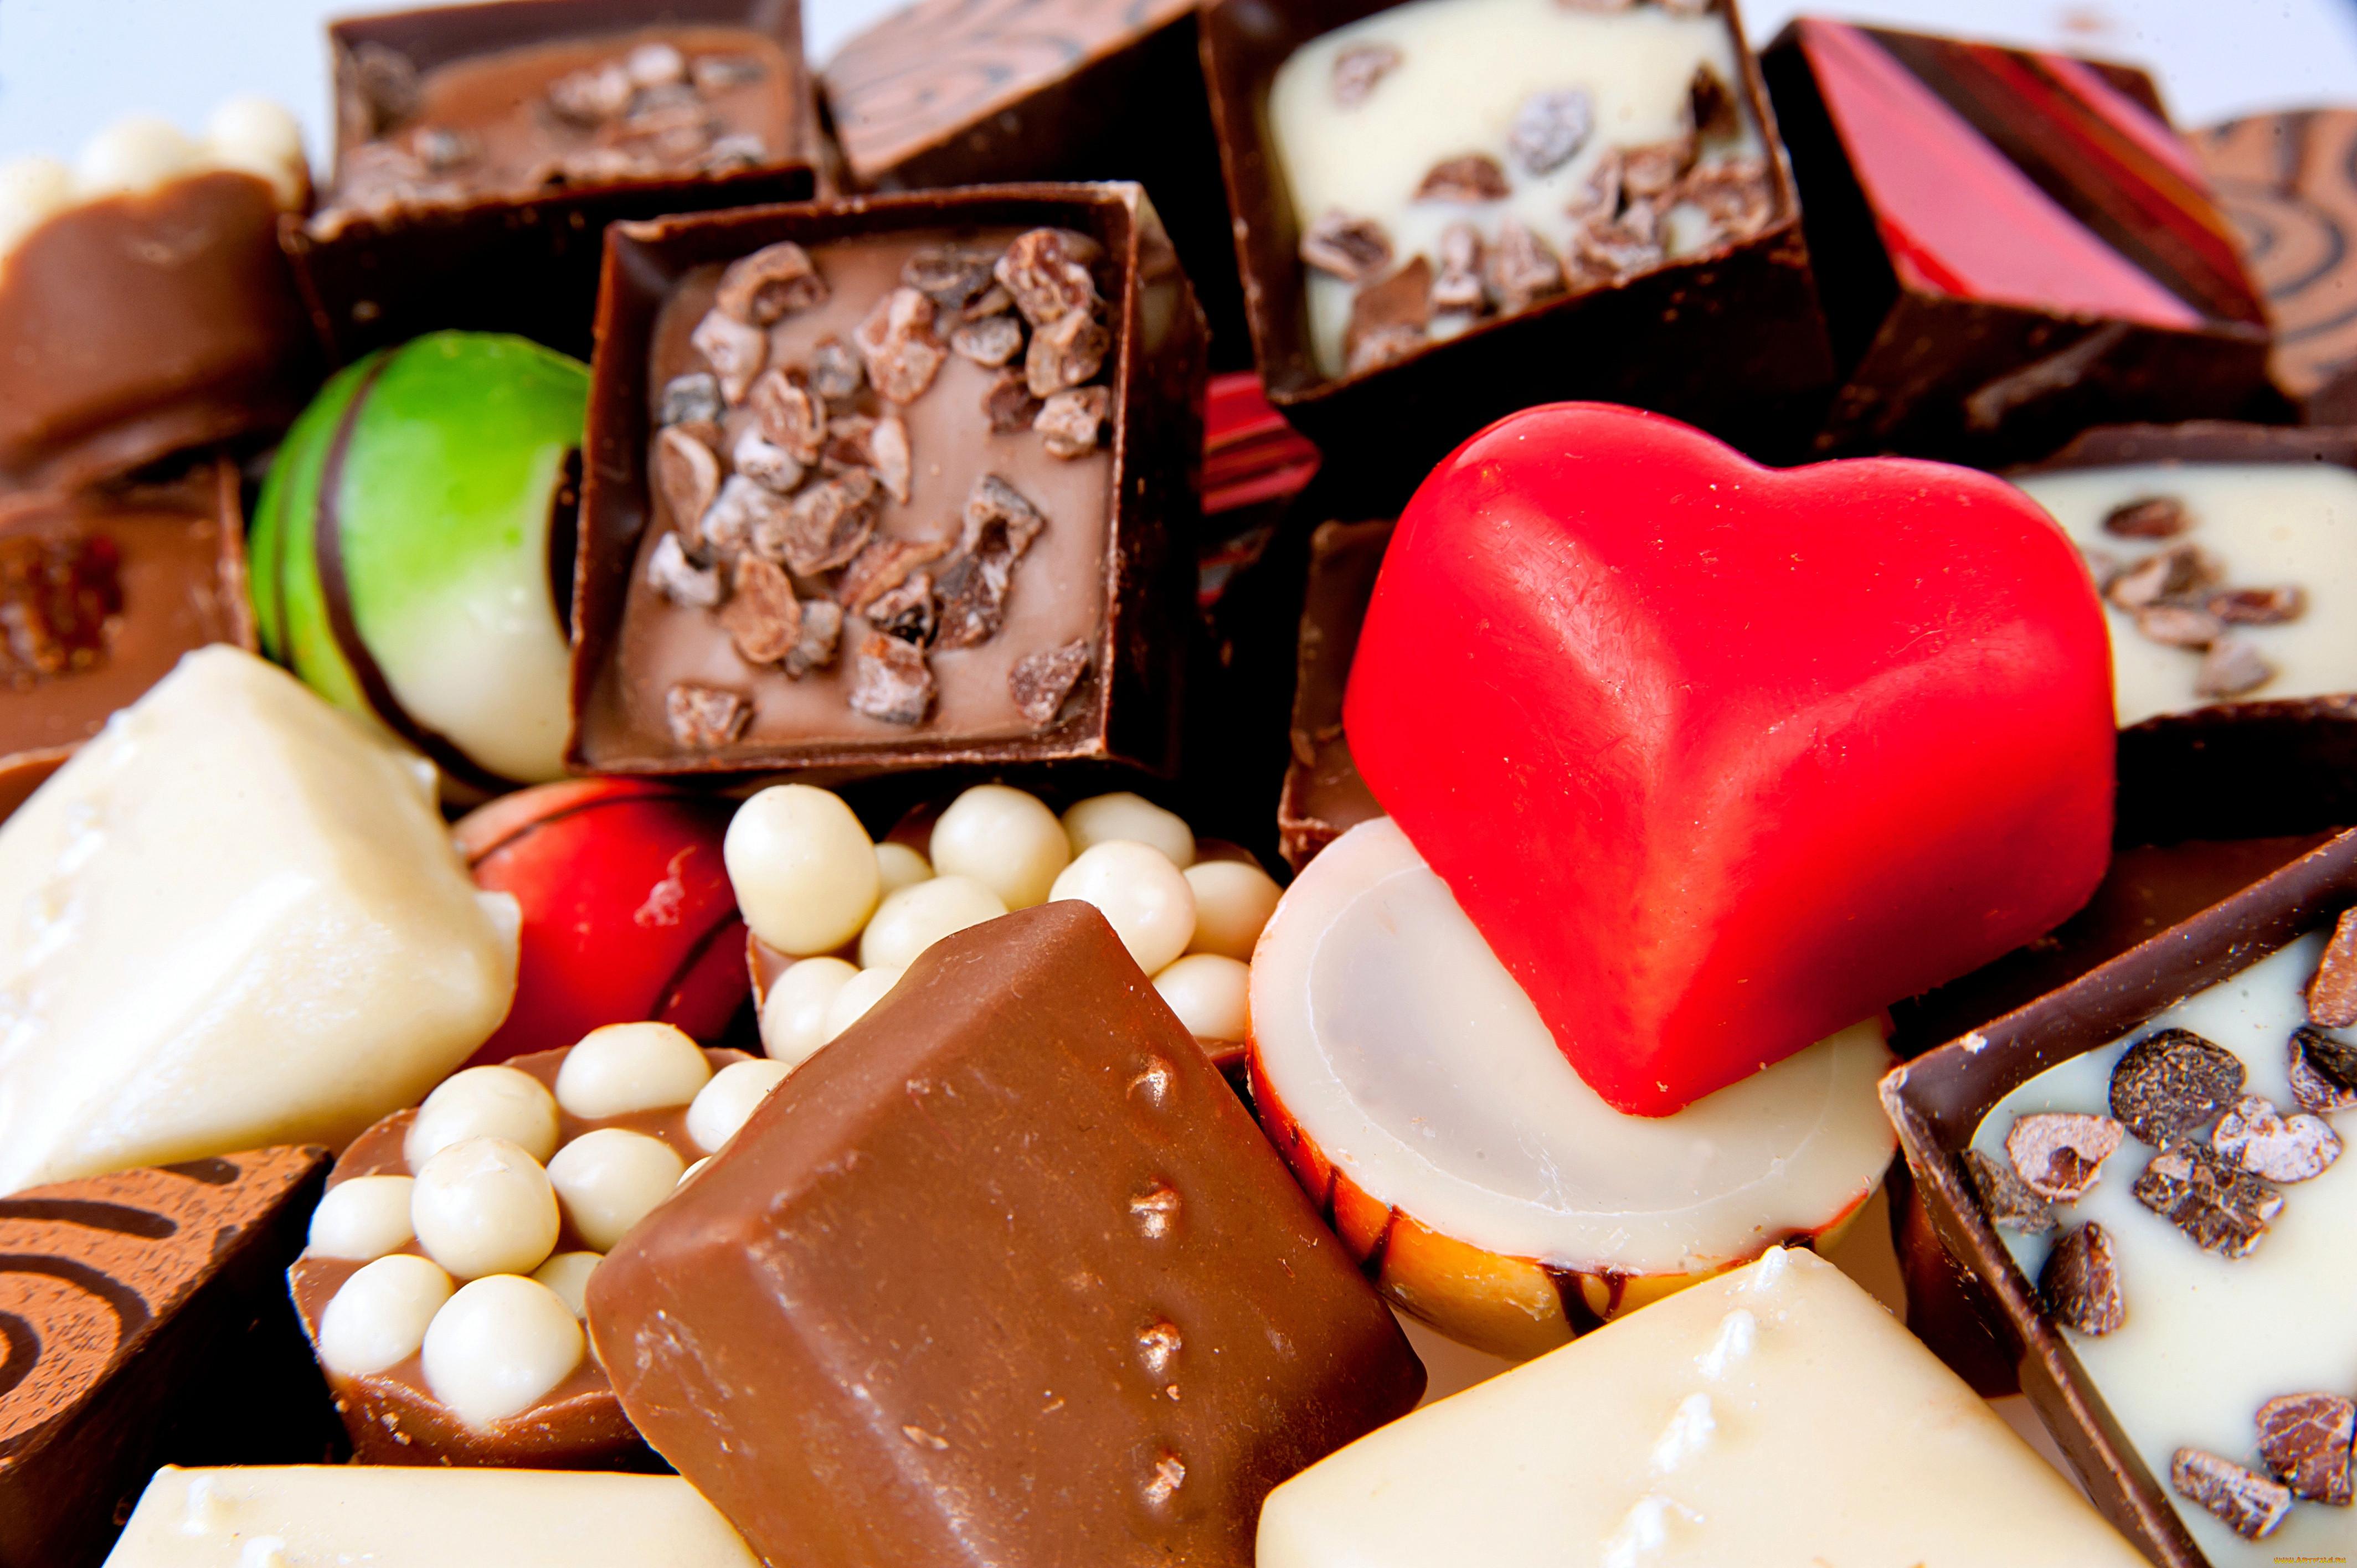 картинки разных красивых конфет если еще пробовали